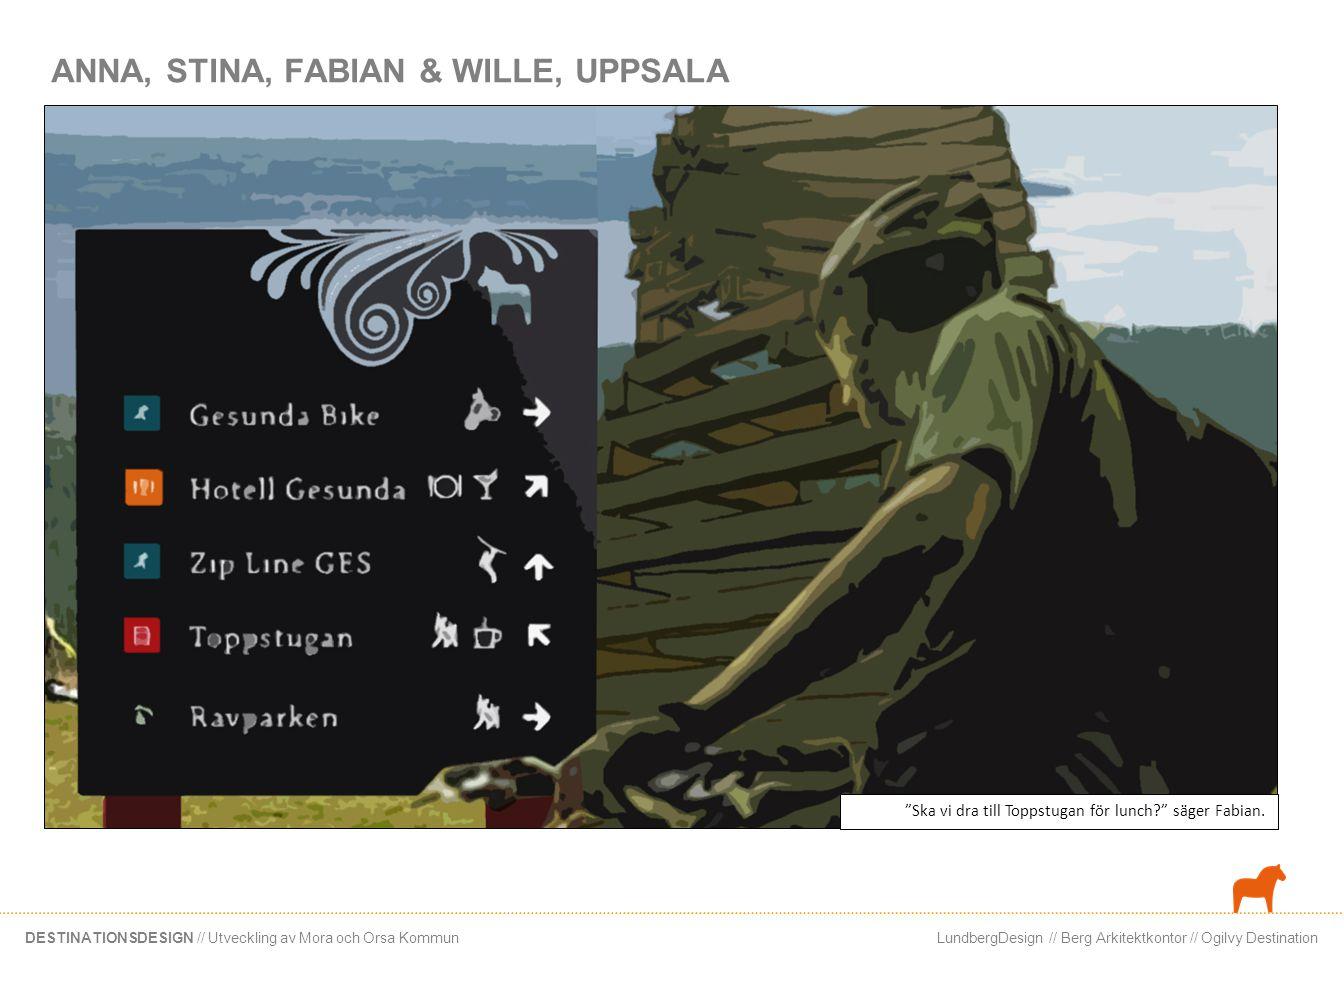 LundbergDesign // Berg Arkitektkontor // Ogilvy DestinationDESTINATIONSDESIGN // Utveckling av Mora och Orsa Kommun ANNA, STINA, FABIAN & WILLE, UPPSALA Skål för bra åkning idag! , säger Stina.